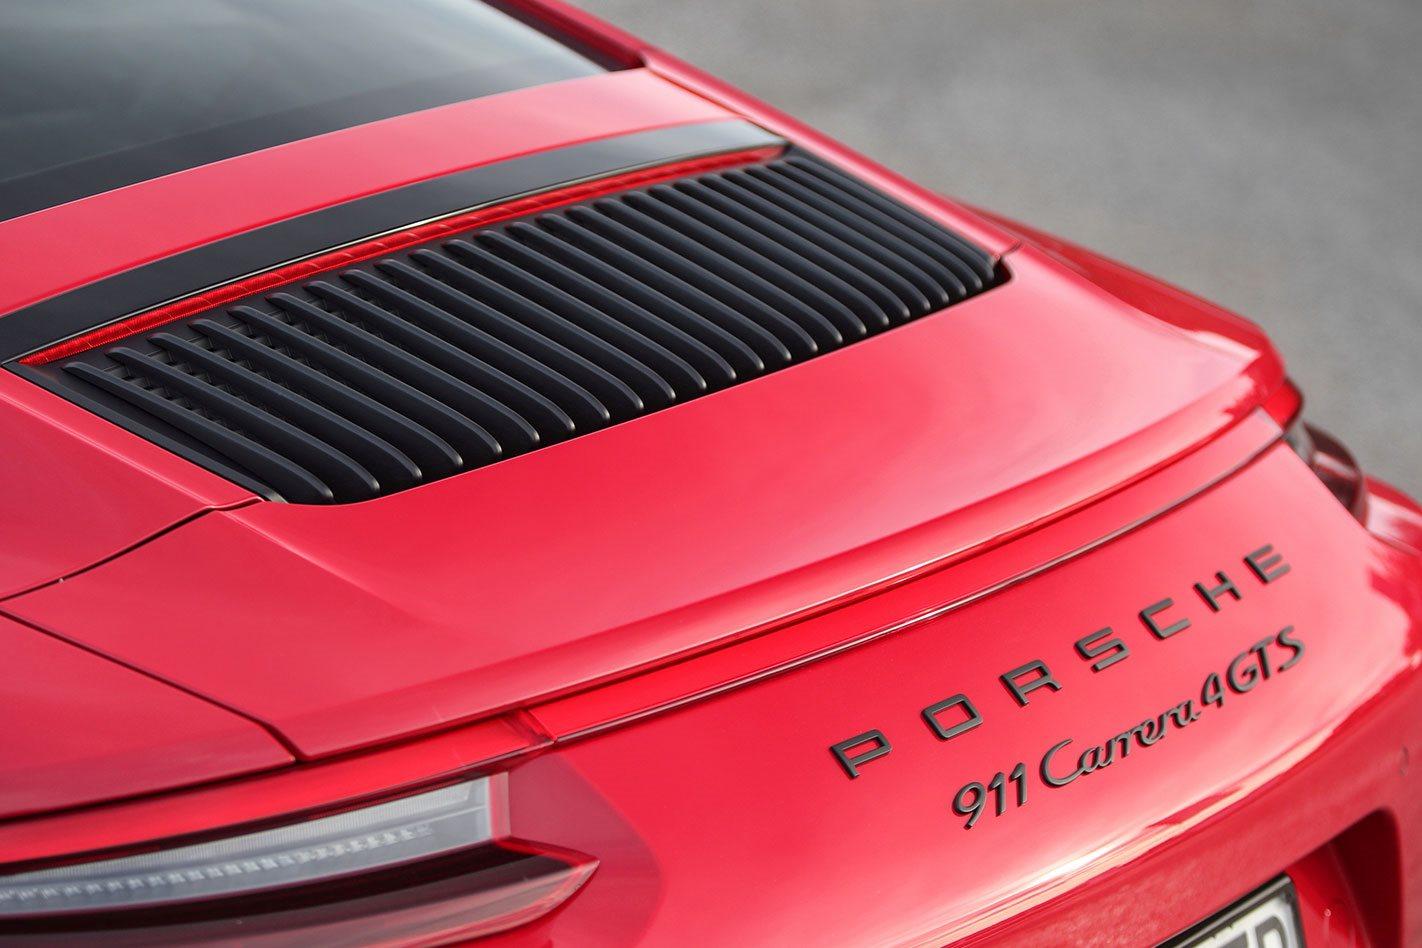 Porsche 991.2 911 GTS branding